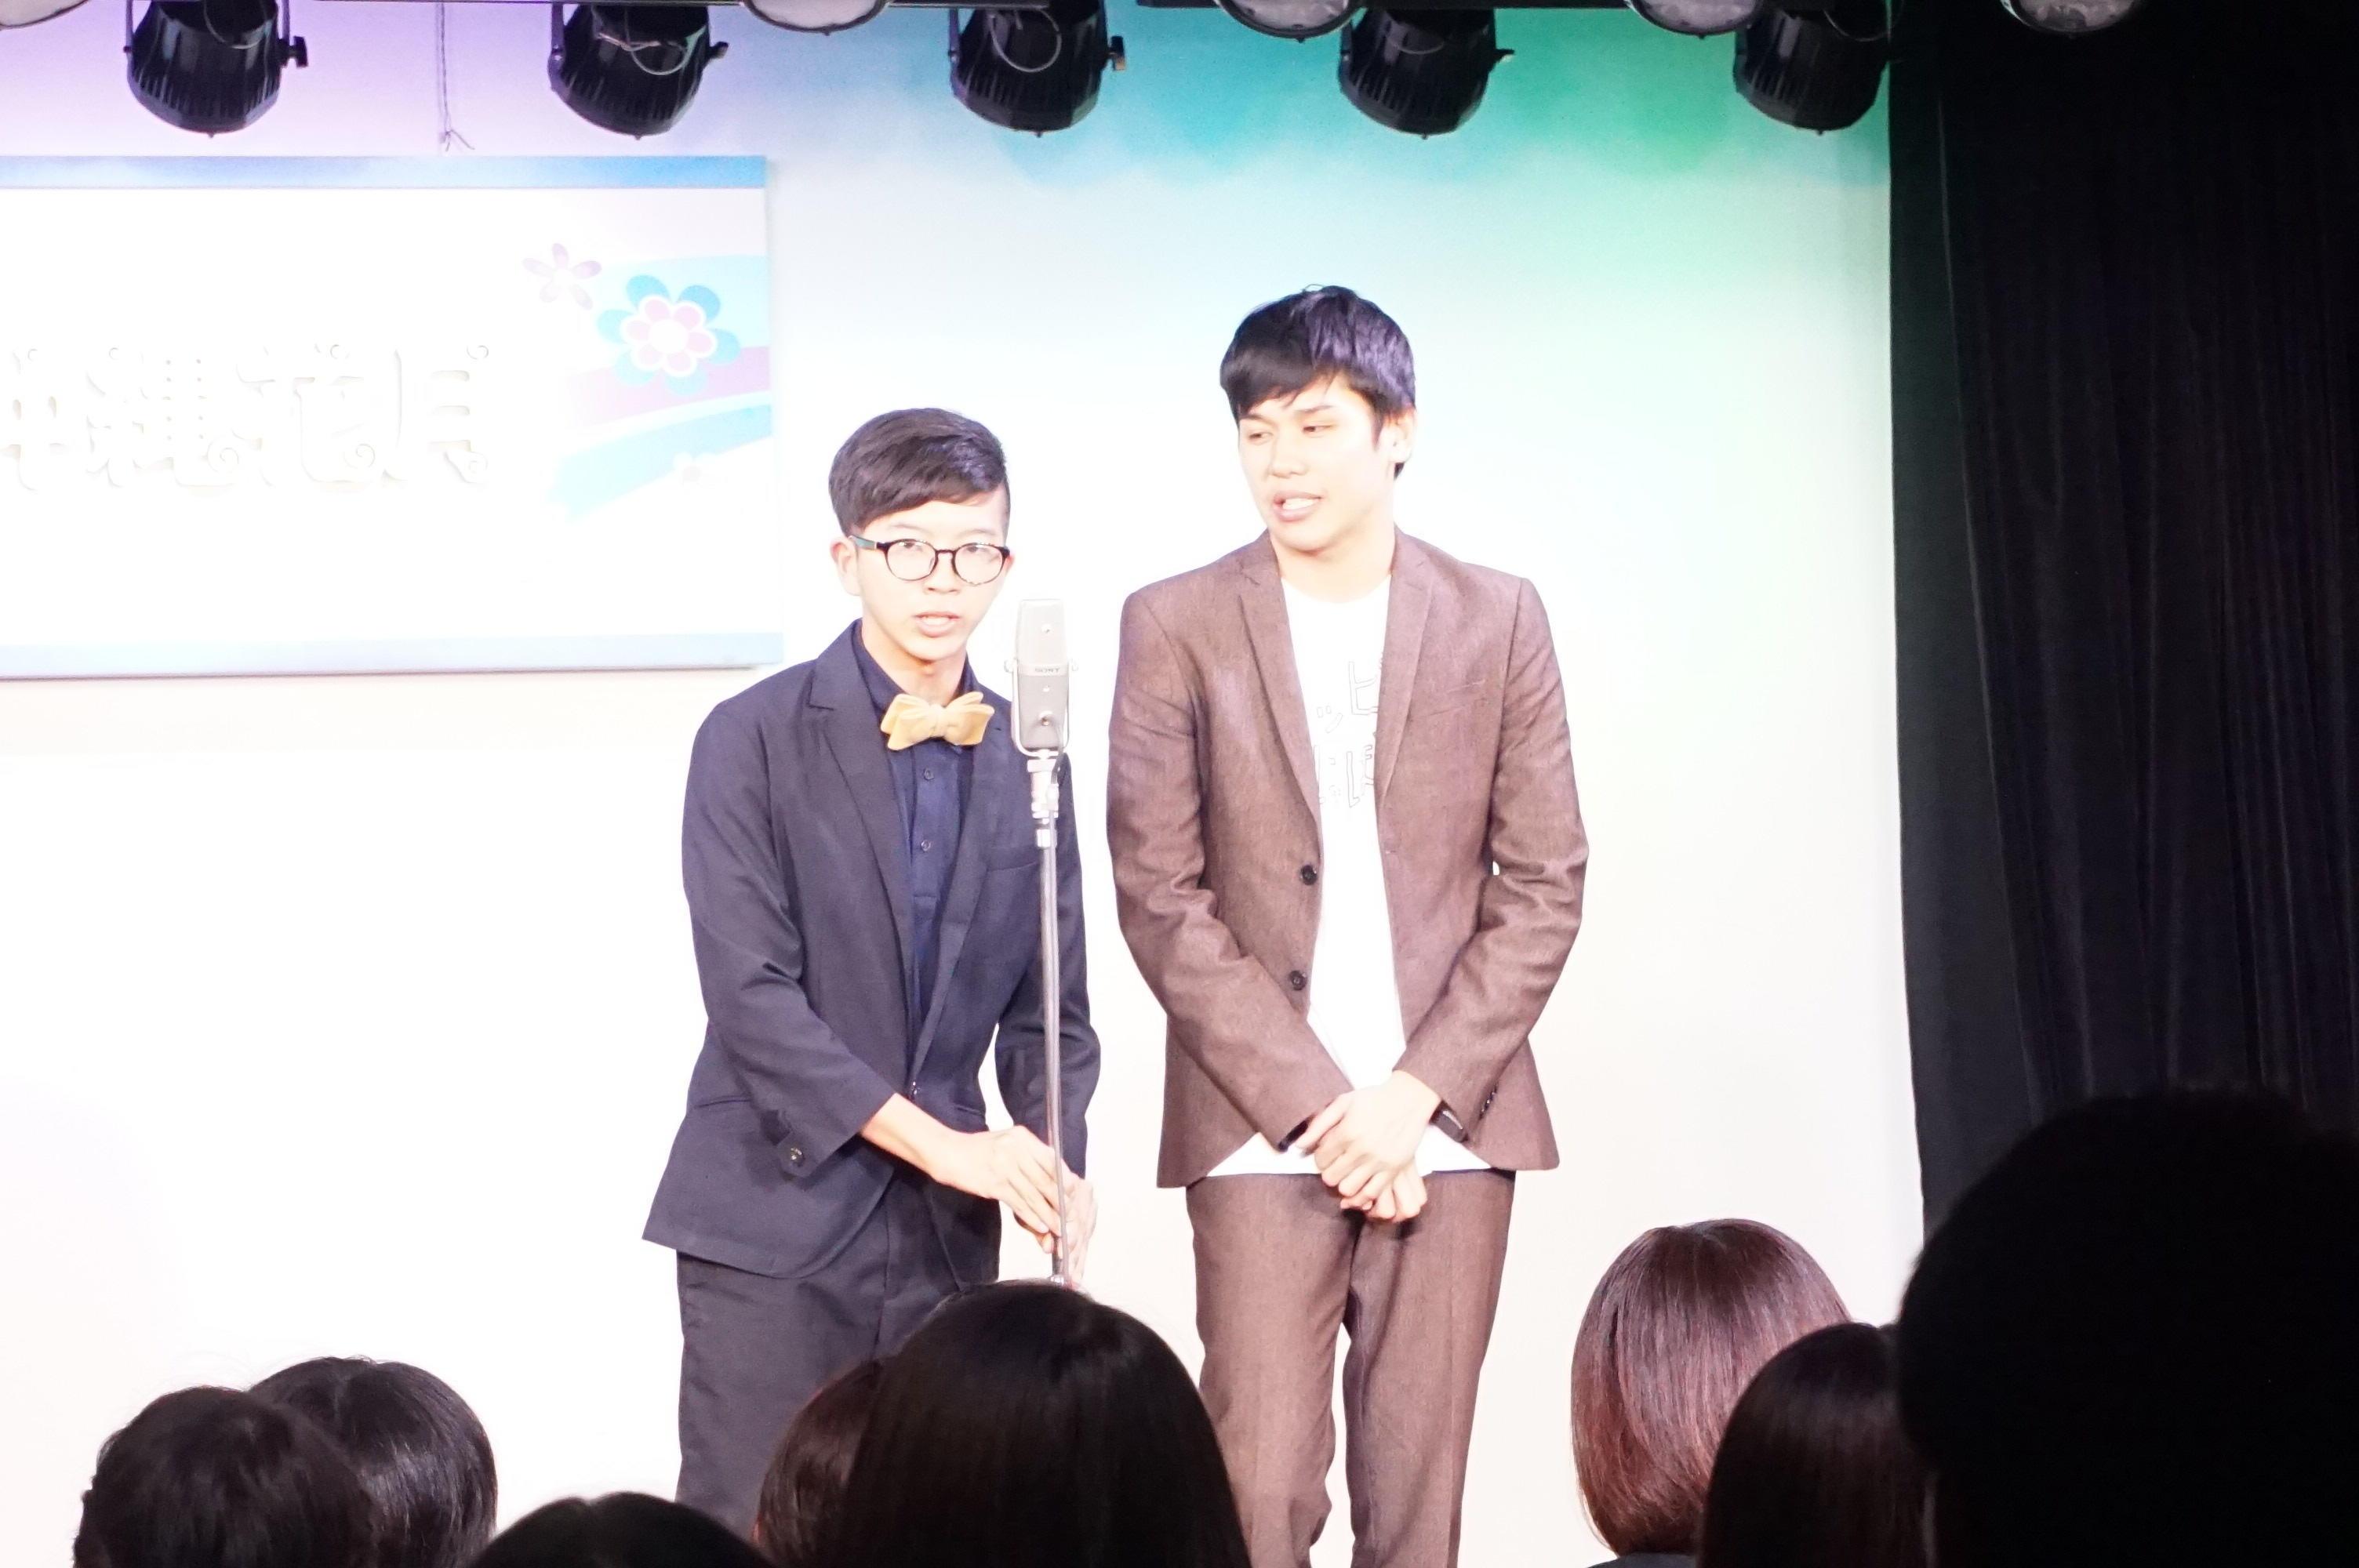 http://news.yoshimoto.co.jp/20171121164257-378c29108b94d6fd4df72a619113ff0f5d29be19.jpg